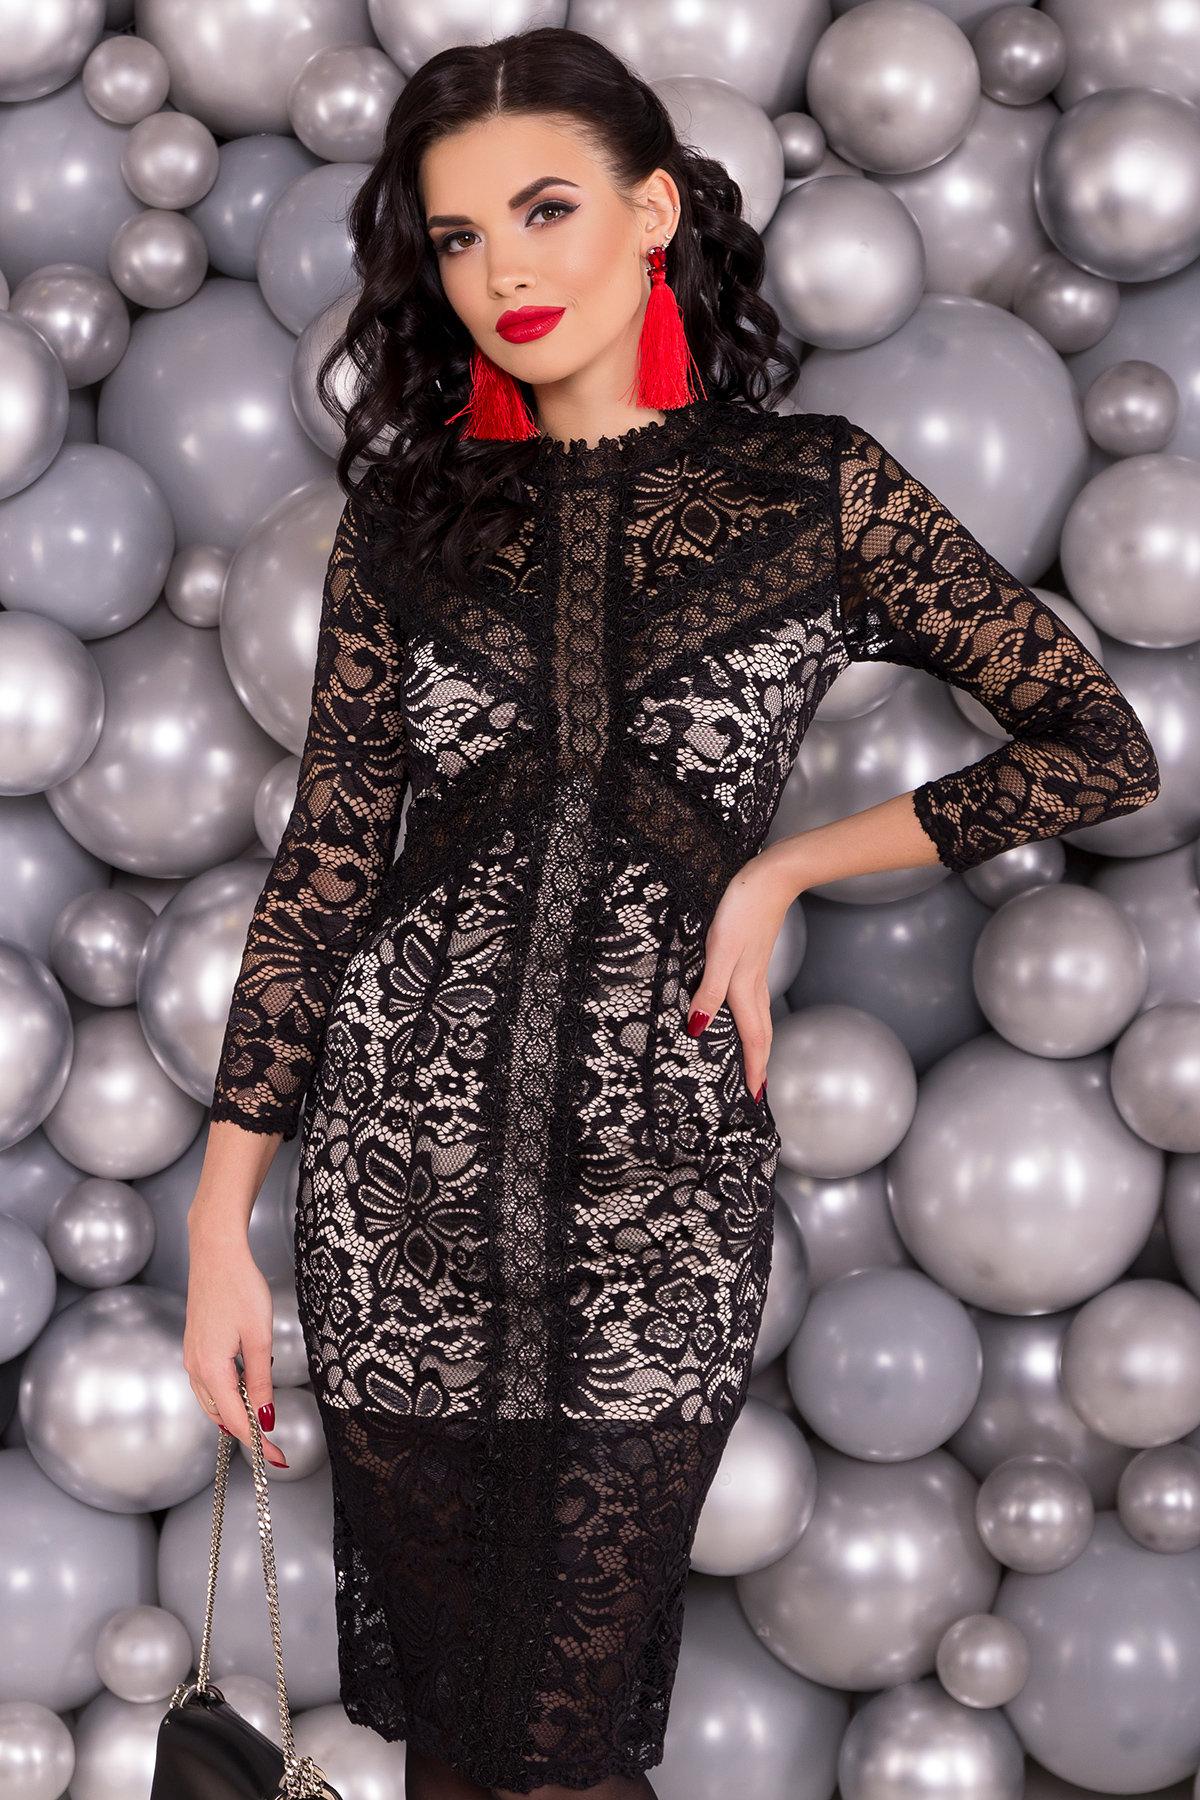 Кружевное Платье Бейба 4280 Цвет: Черный/бежевый